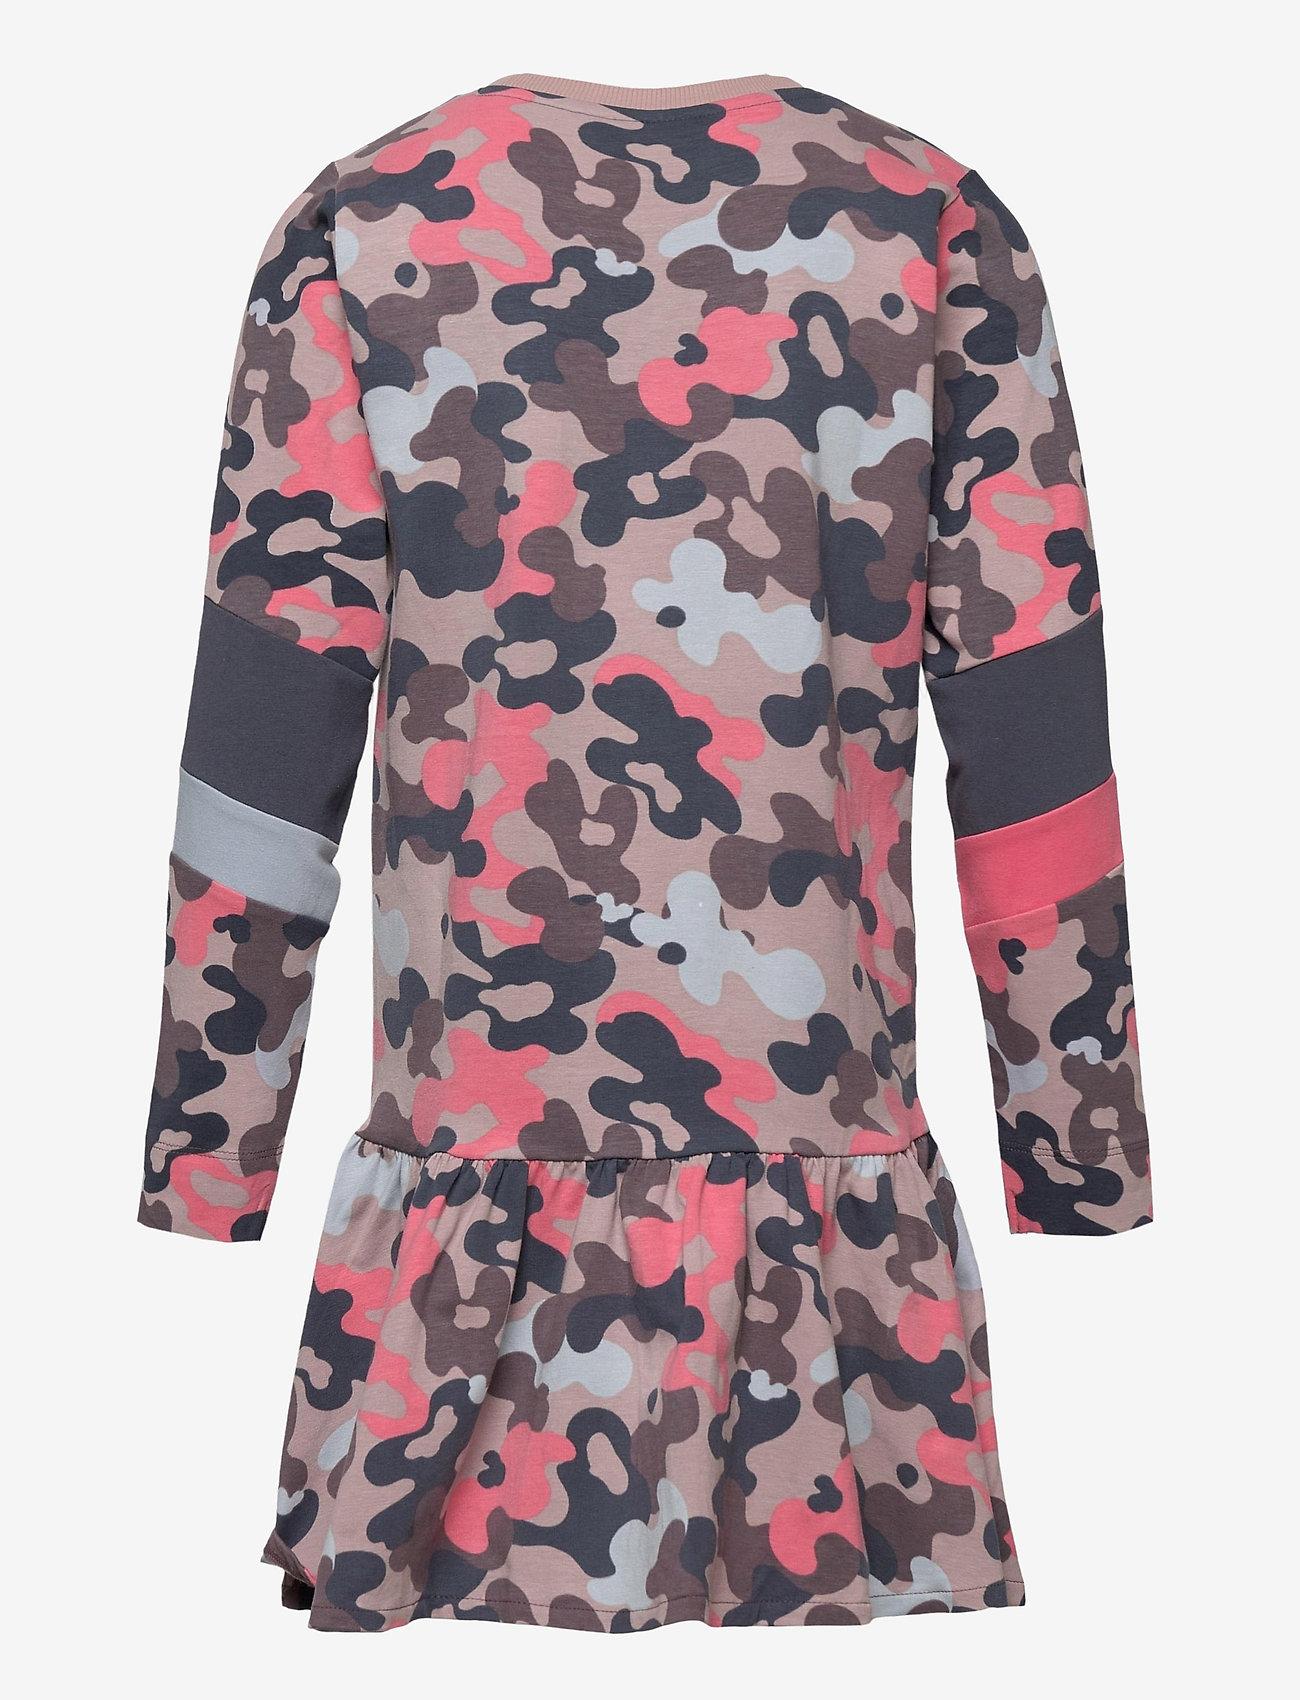 Hummel - hmlPOLLY DRESS L/S - jurken - bark - 1